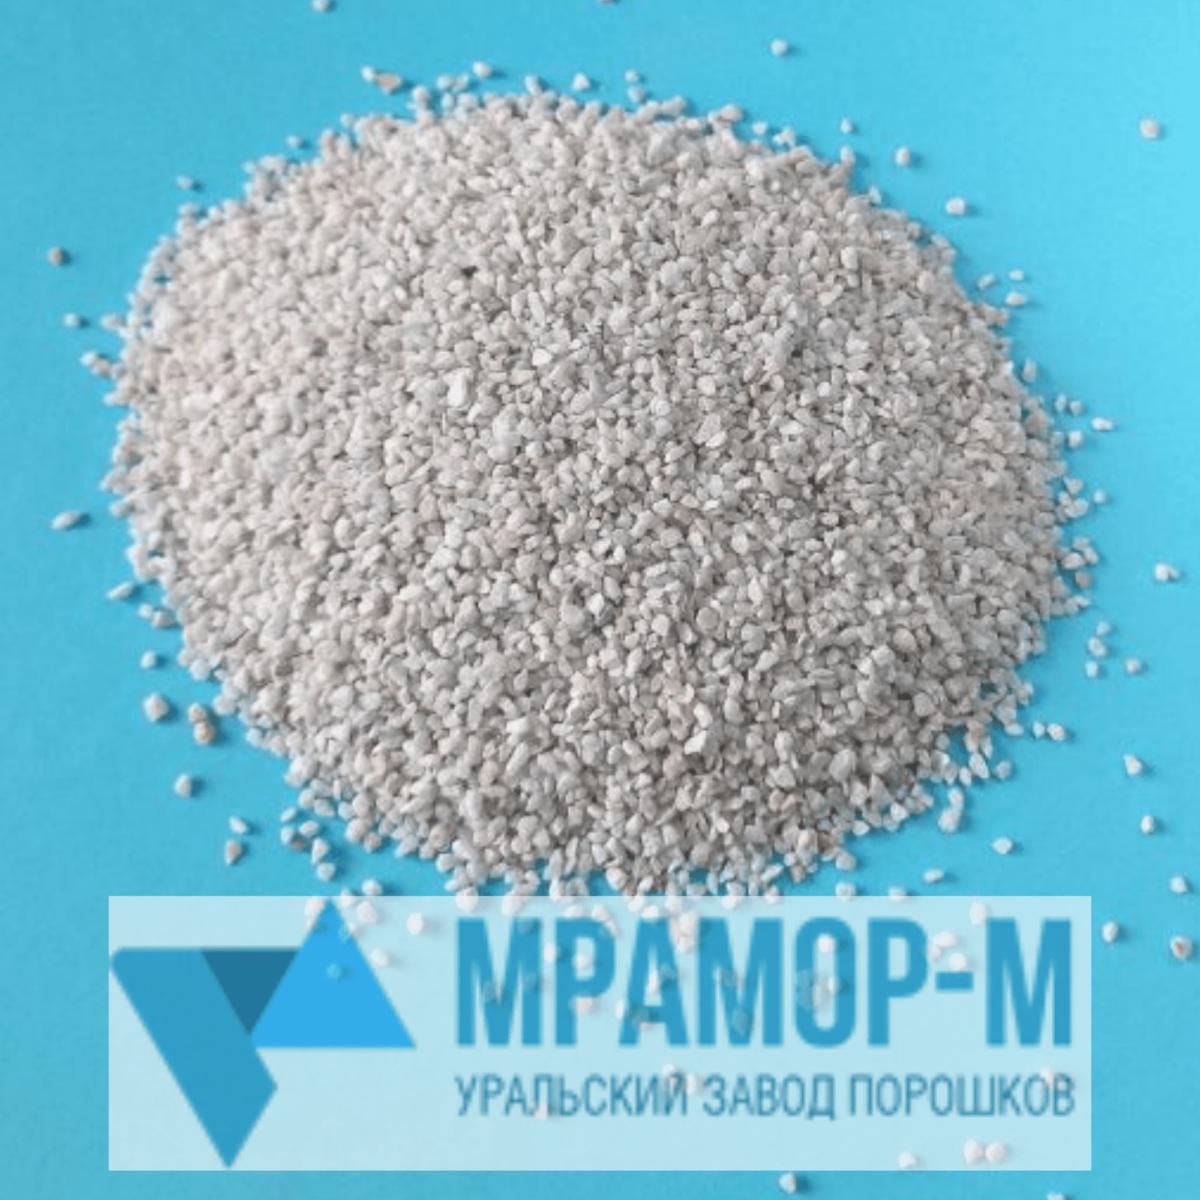 Крошка мраморная фракция 2-2,5 мм светло-серая